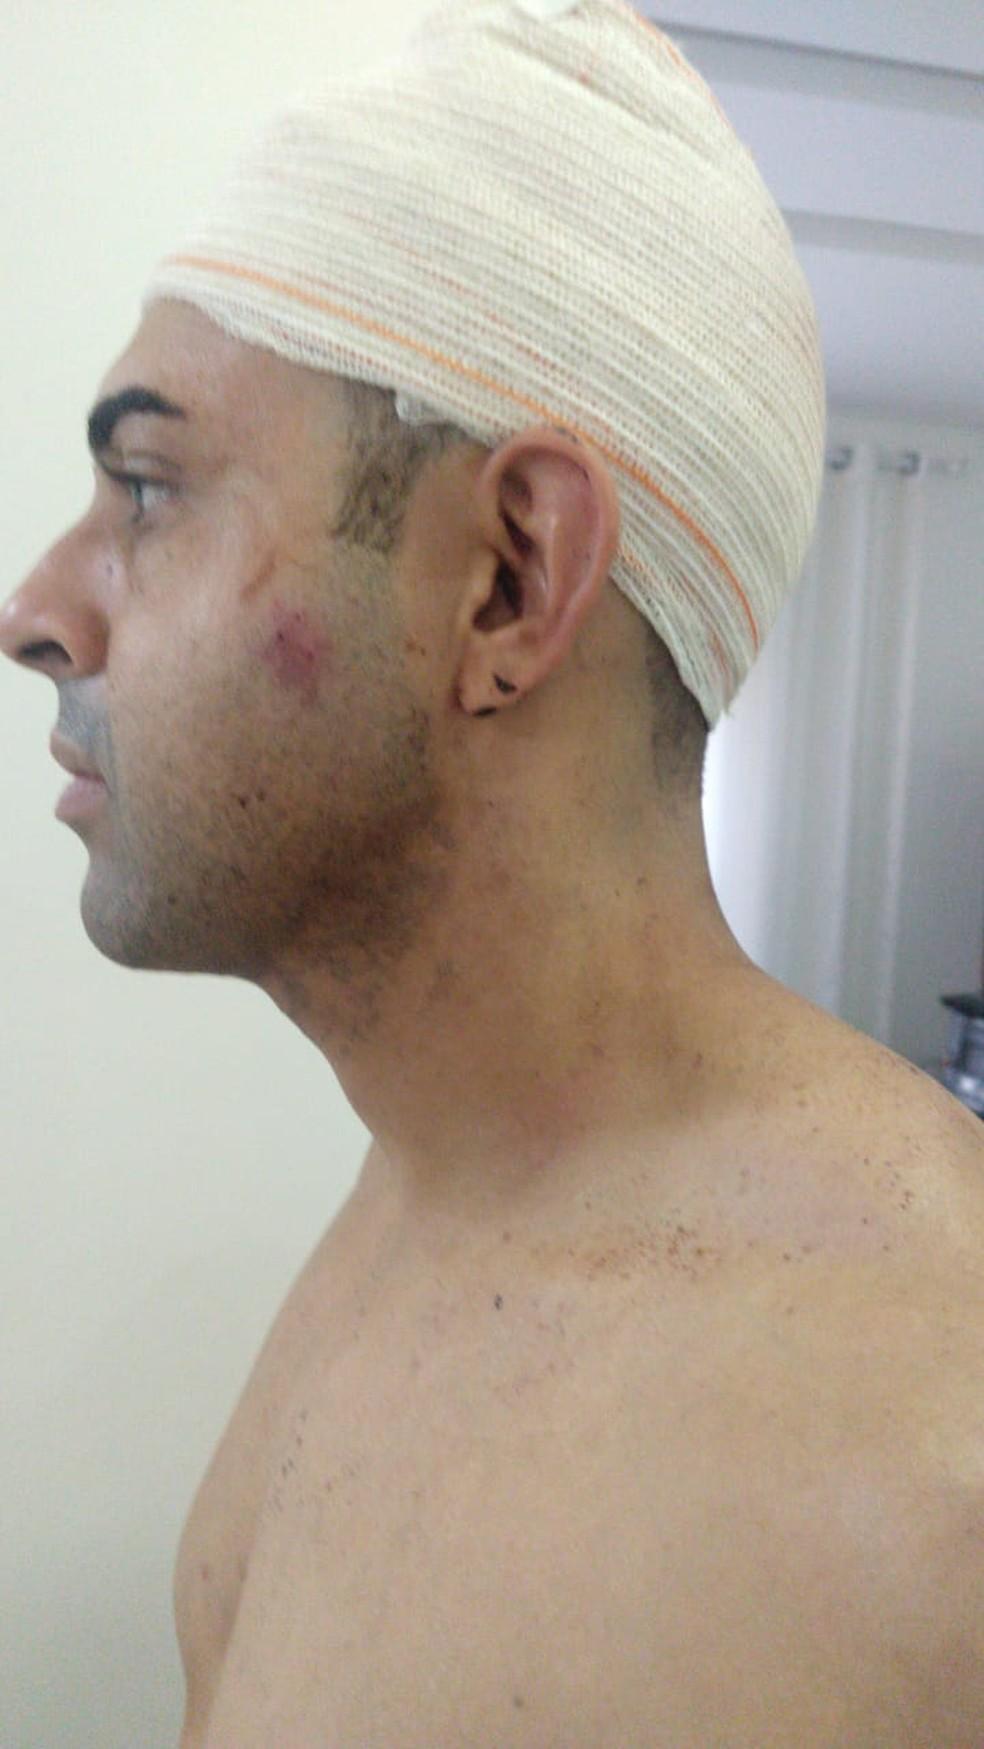 Thiago Abreu levou 60 pontos na cabeça apos ser atacado por motorista de aplicativo. — Foto: Thiago Abreu/Arquivo pessoal